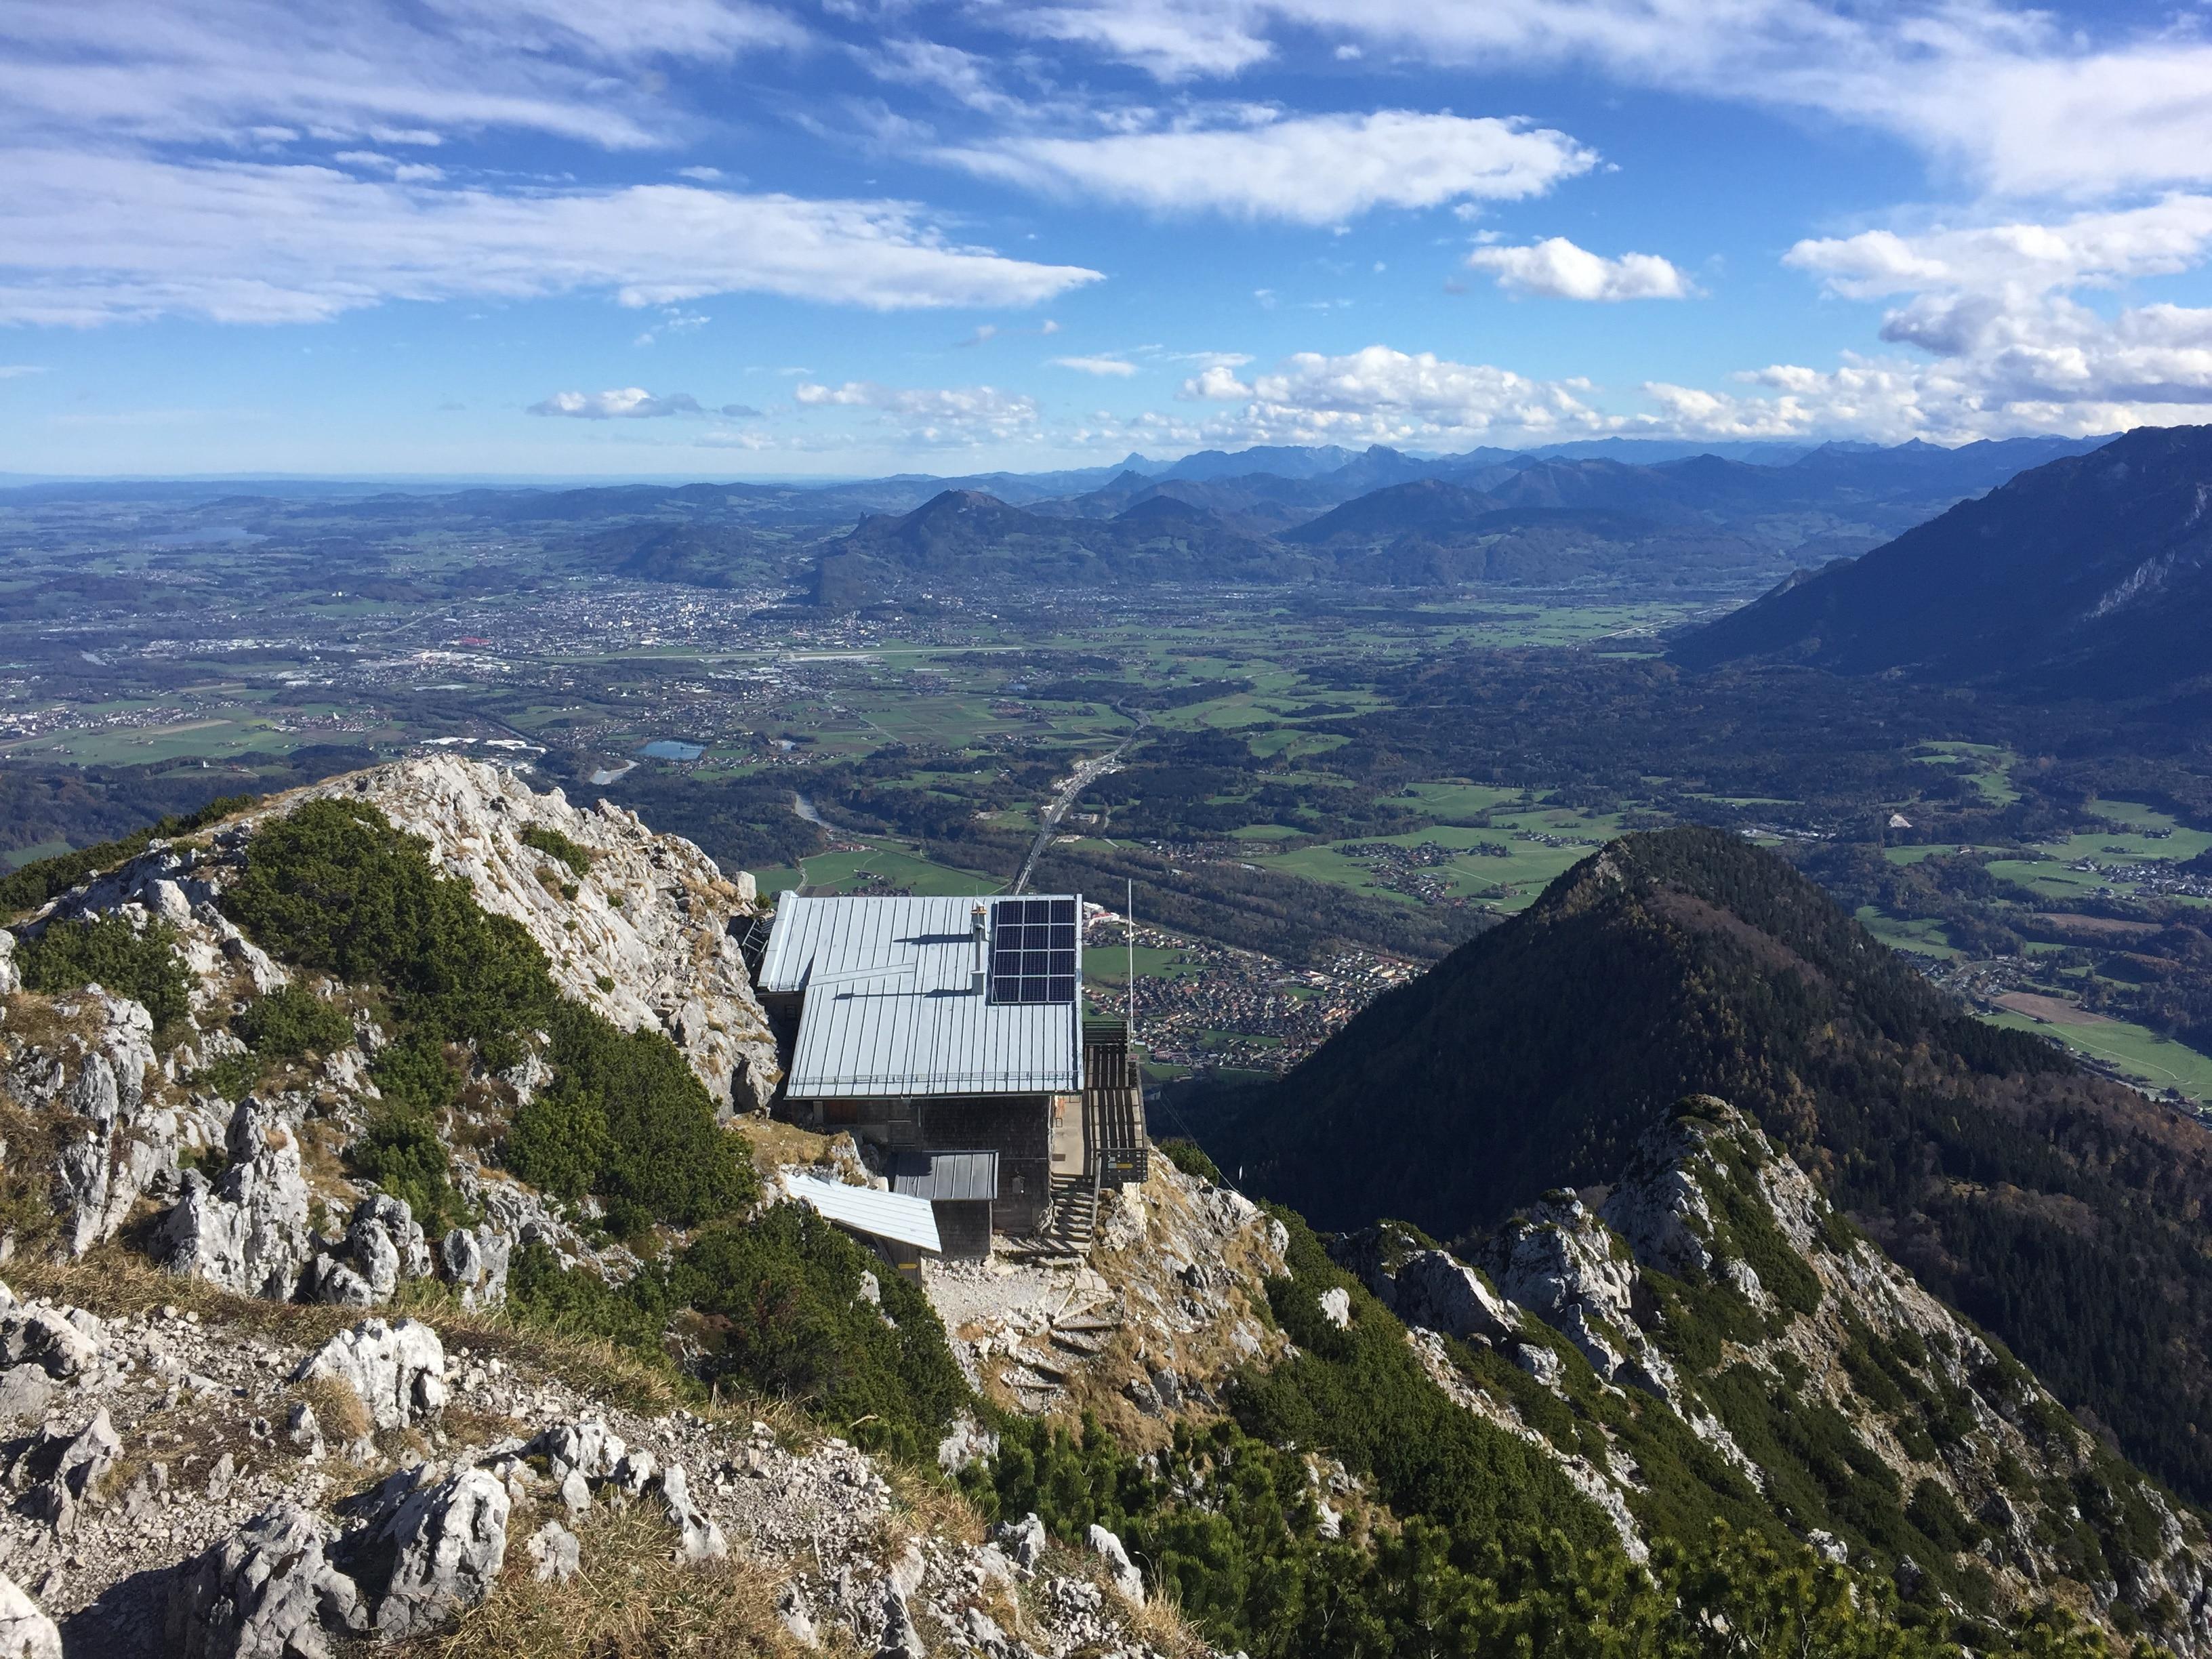 Klettersteig Coburger Hütte : Hütten für die perfekte klettersteigtour bergwelten